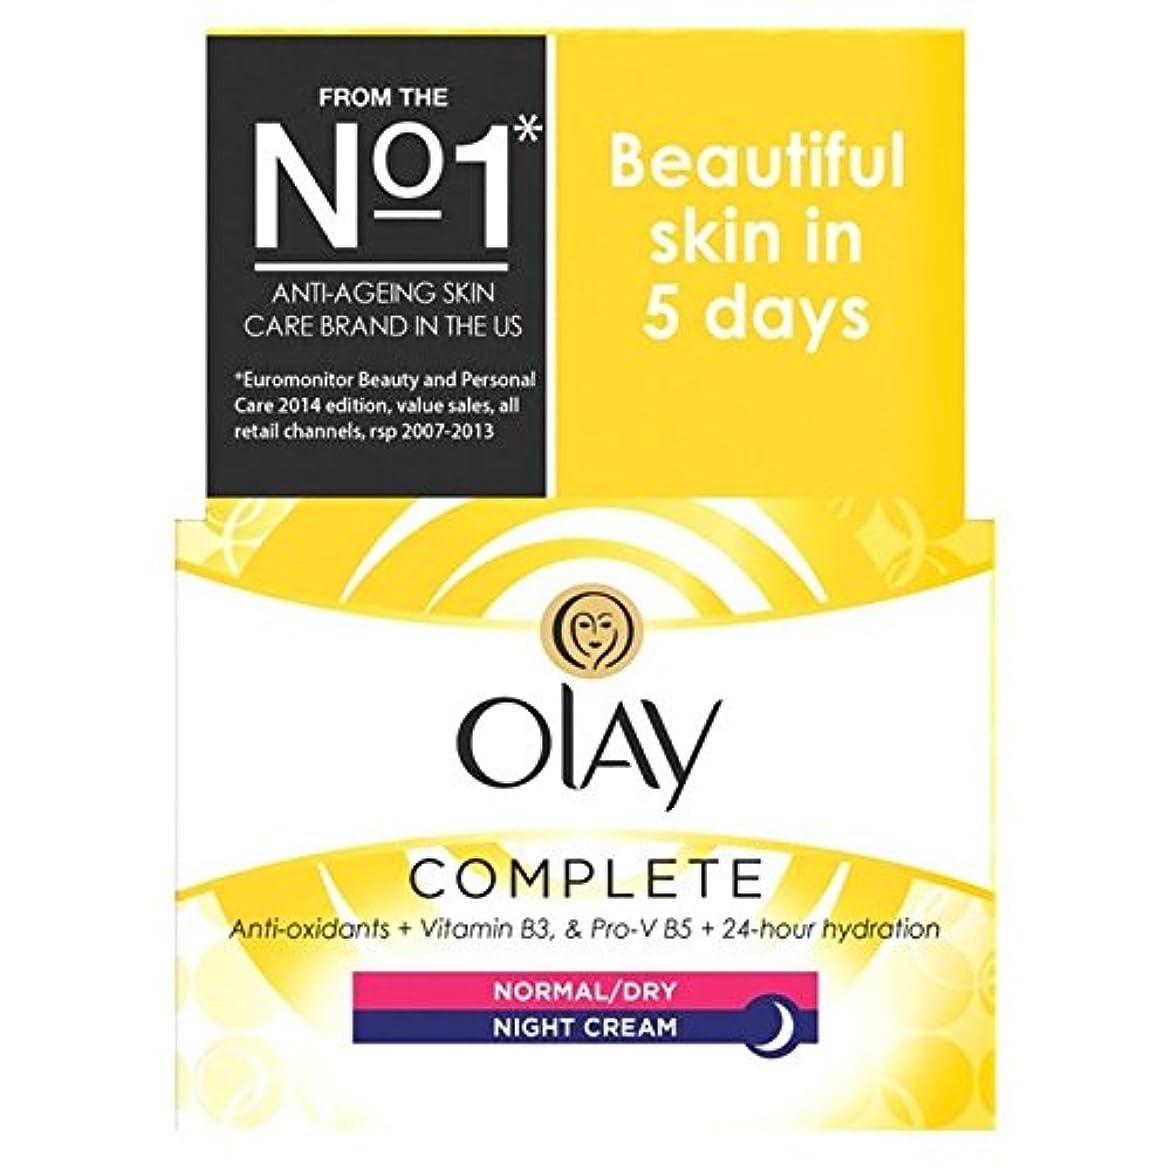 材料祝福する墓地Olay Essentials Complete Care Moisturiser Night Cream 50ml (Pack of 6) - オーレイ必需品の完全なケア保湿ナイトクリーム50ミリリットル x6 [並行輸入品]